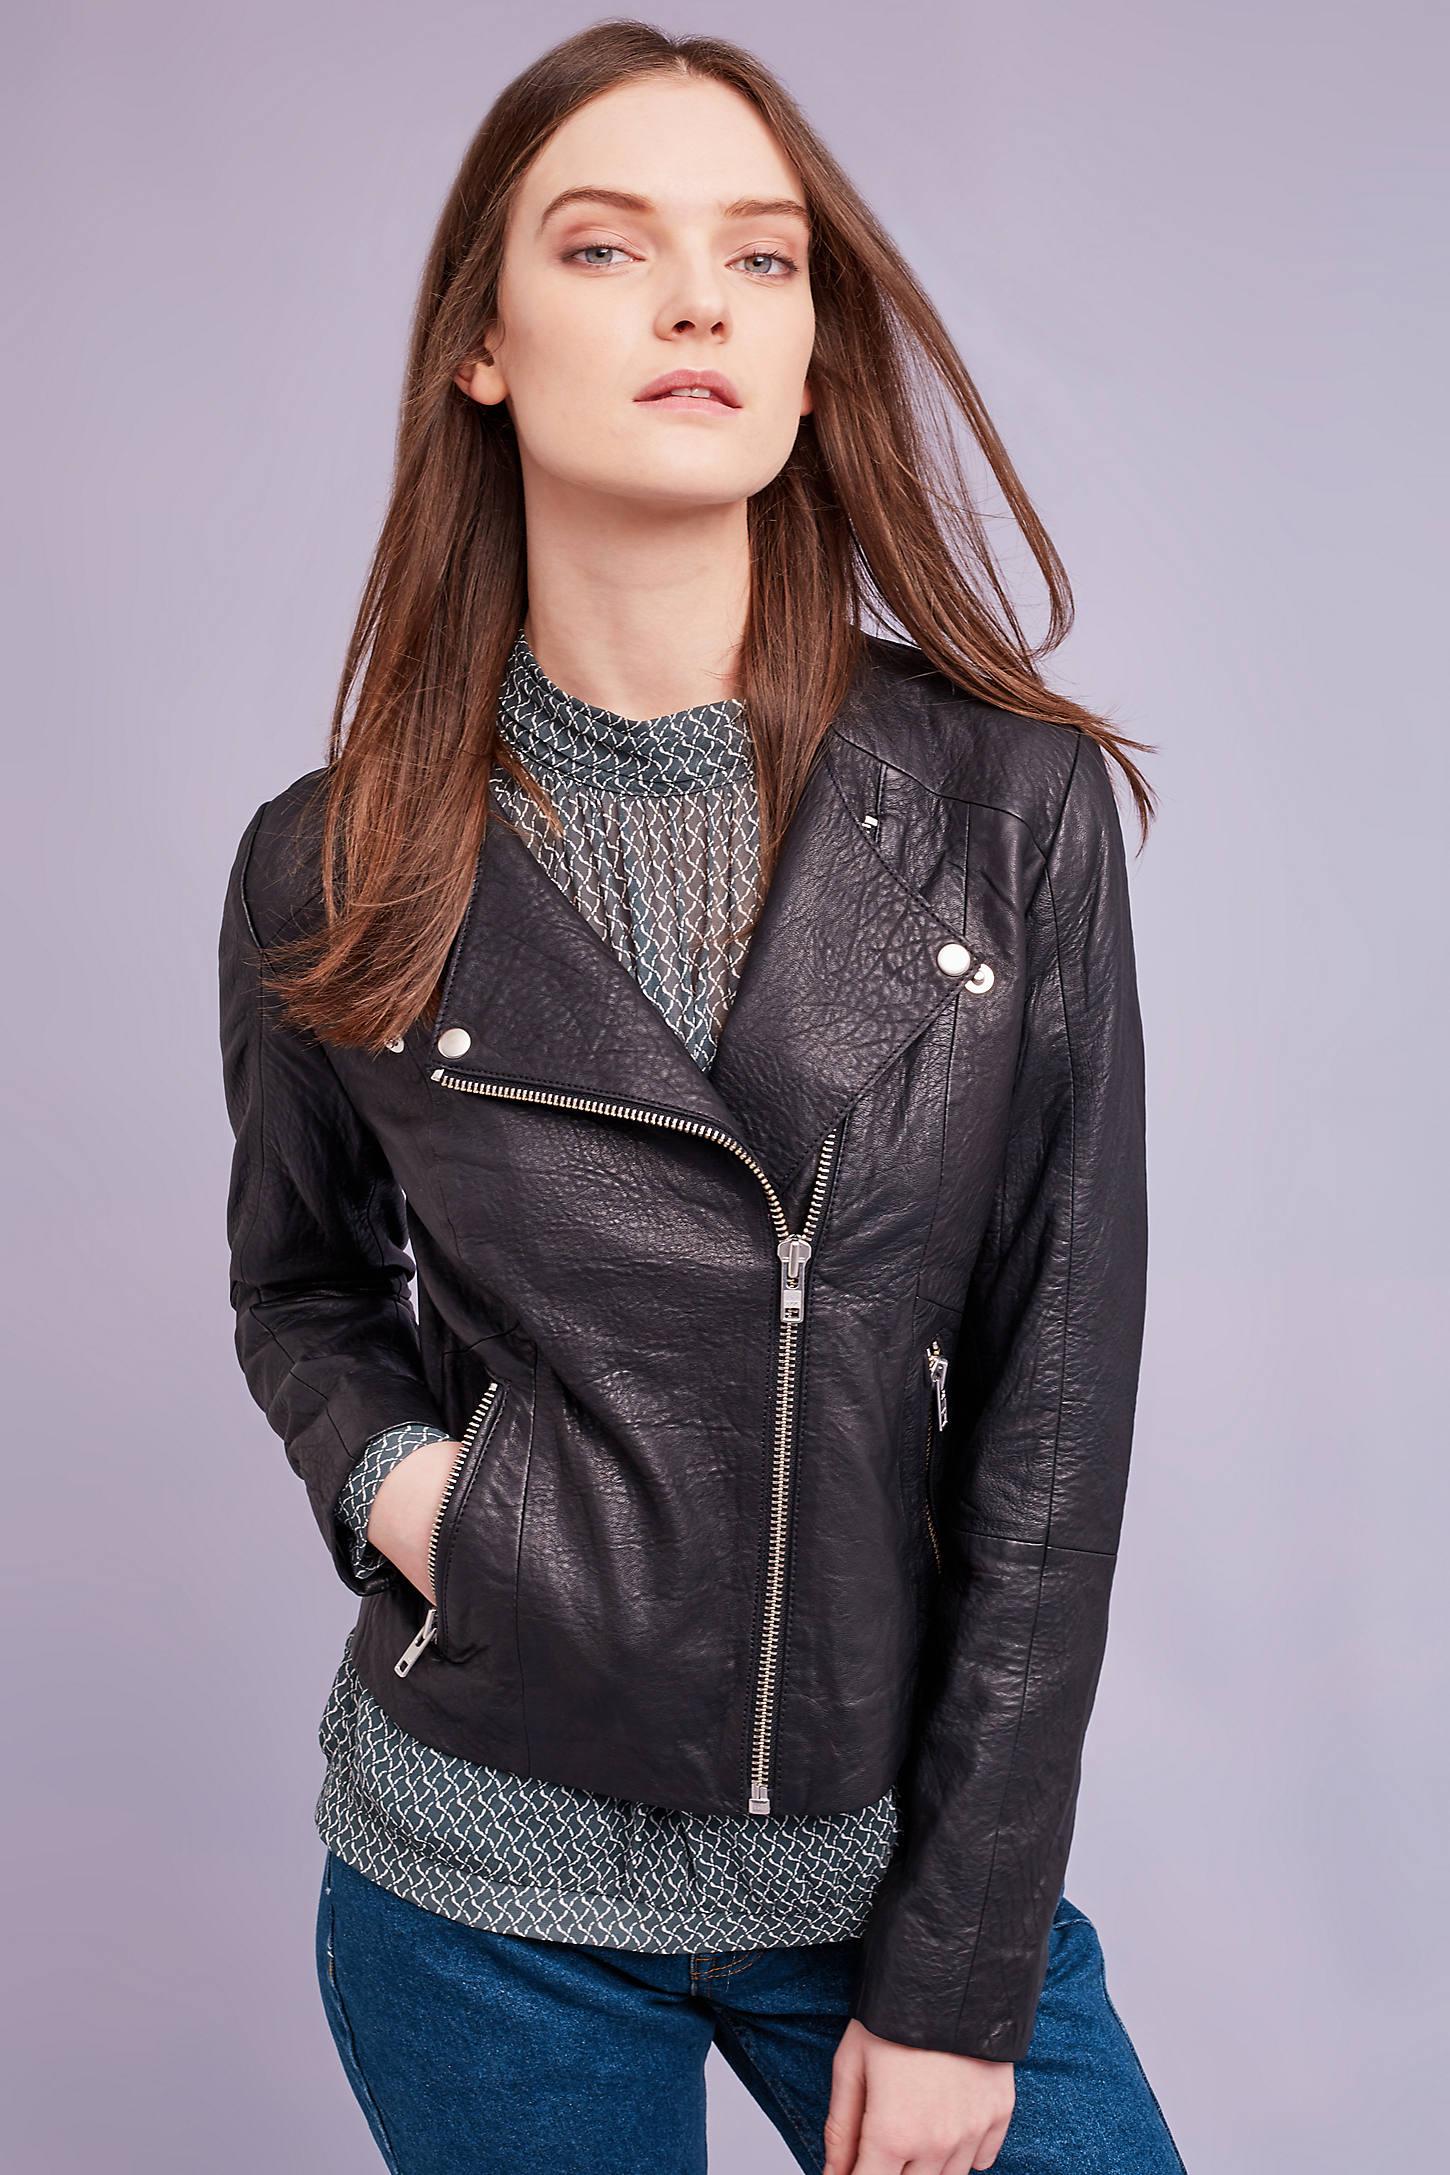 Westlake Leather Biker Jacket, Black